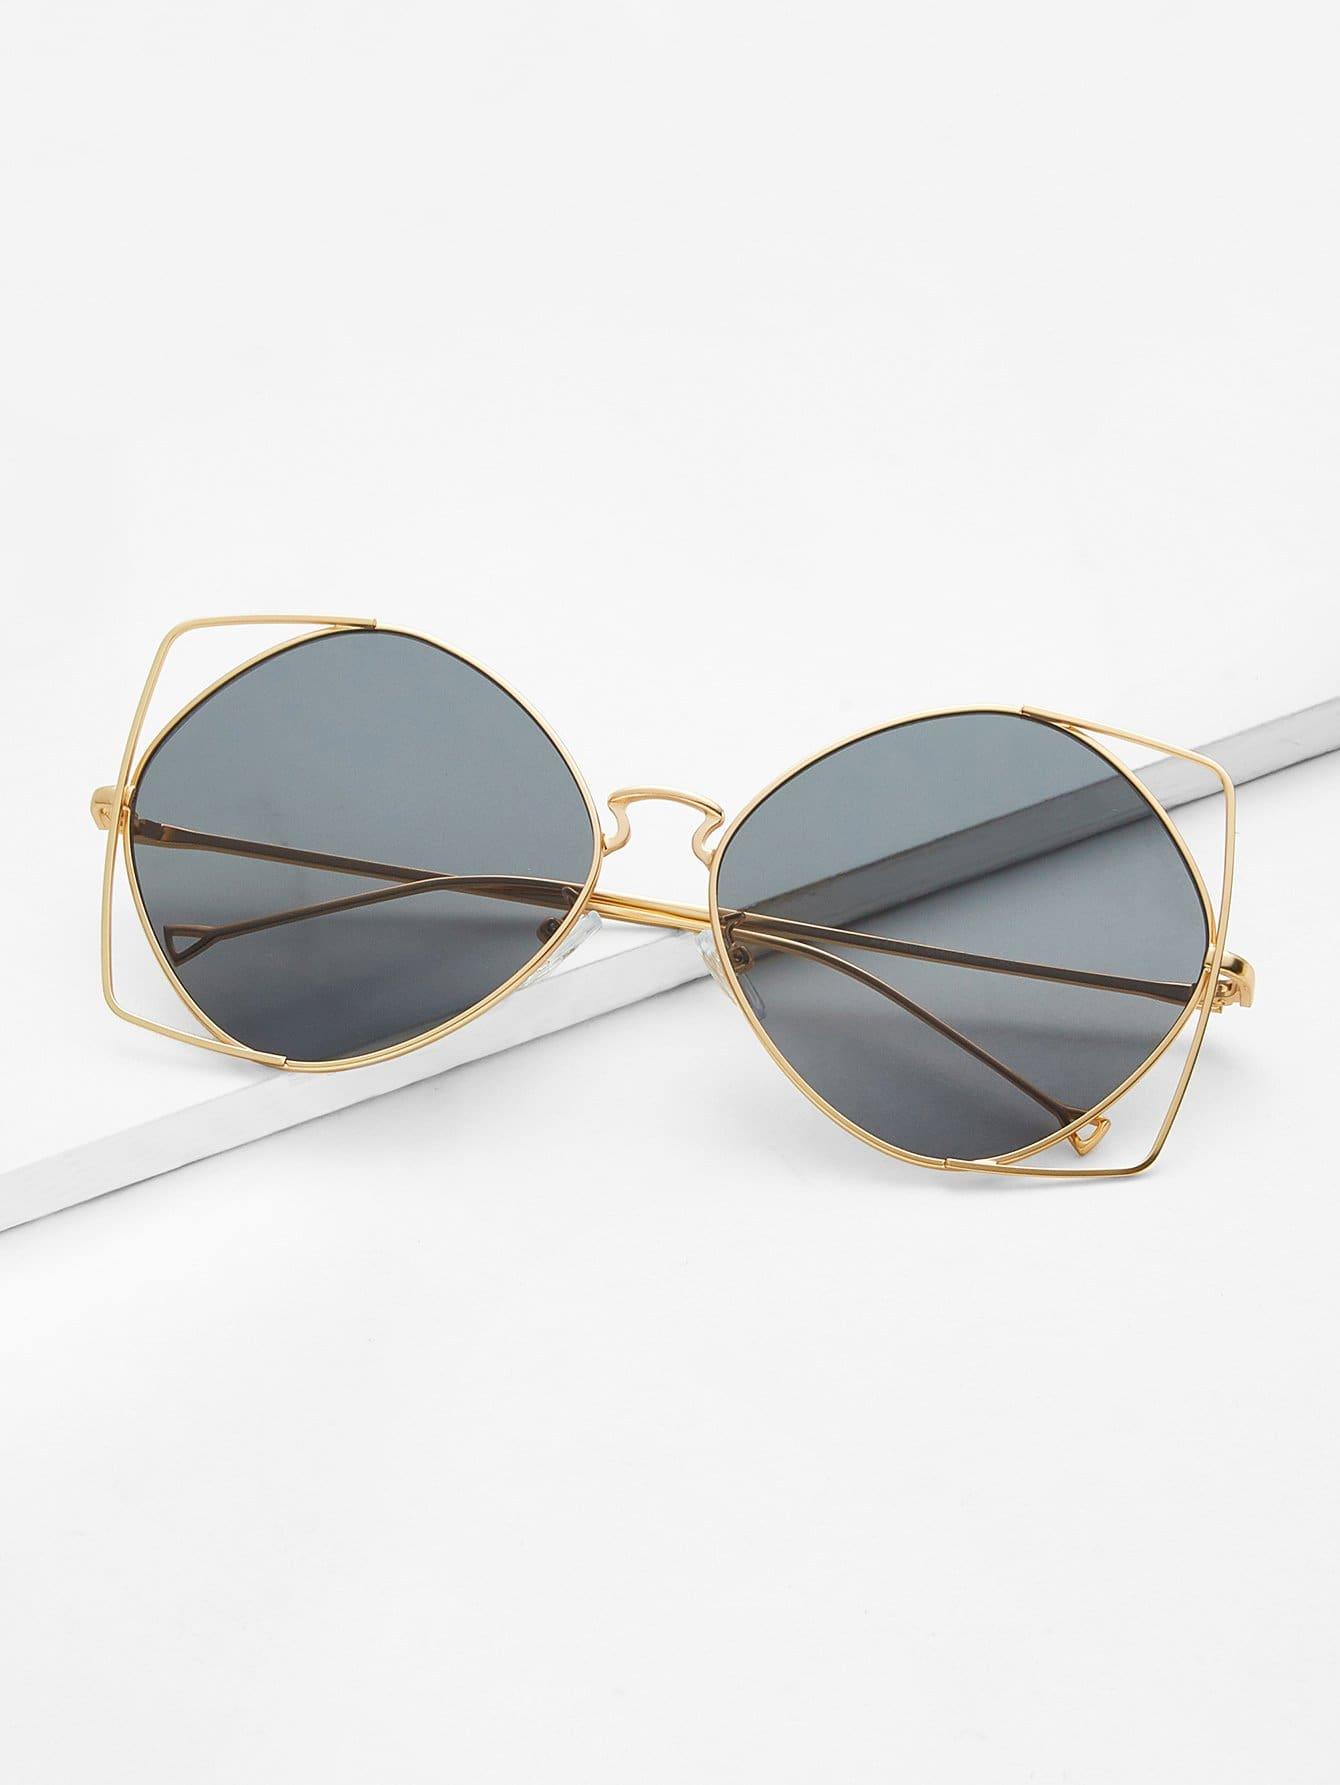 Gafas de sol en forma de ojo de gato de marco metálico -Spanish Romwe